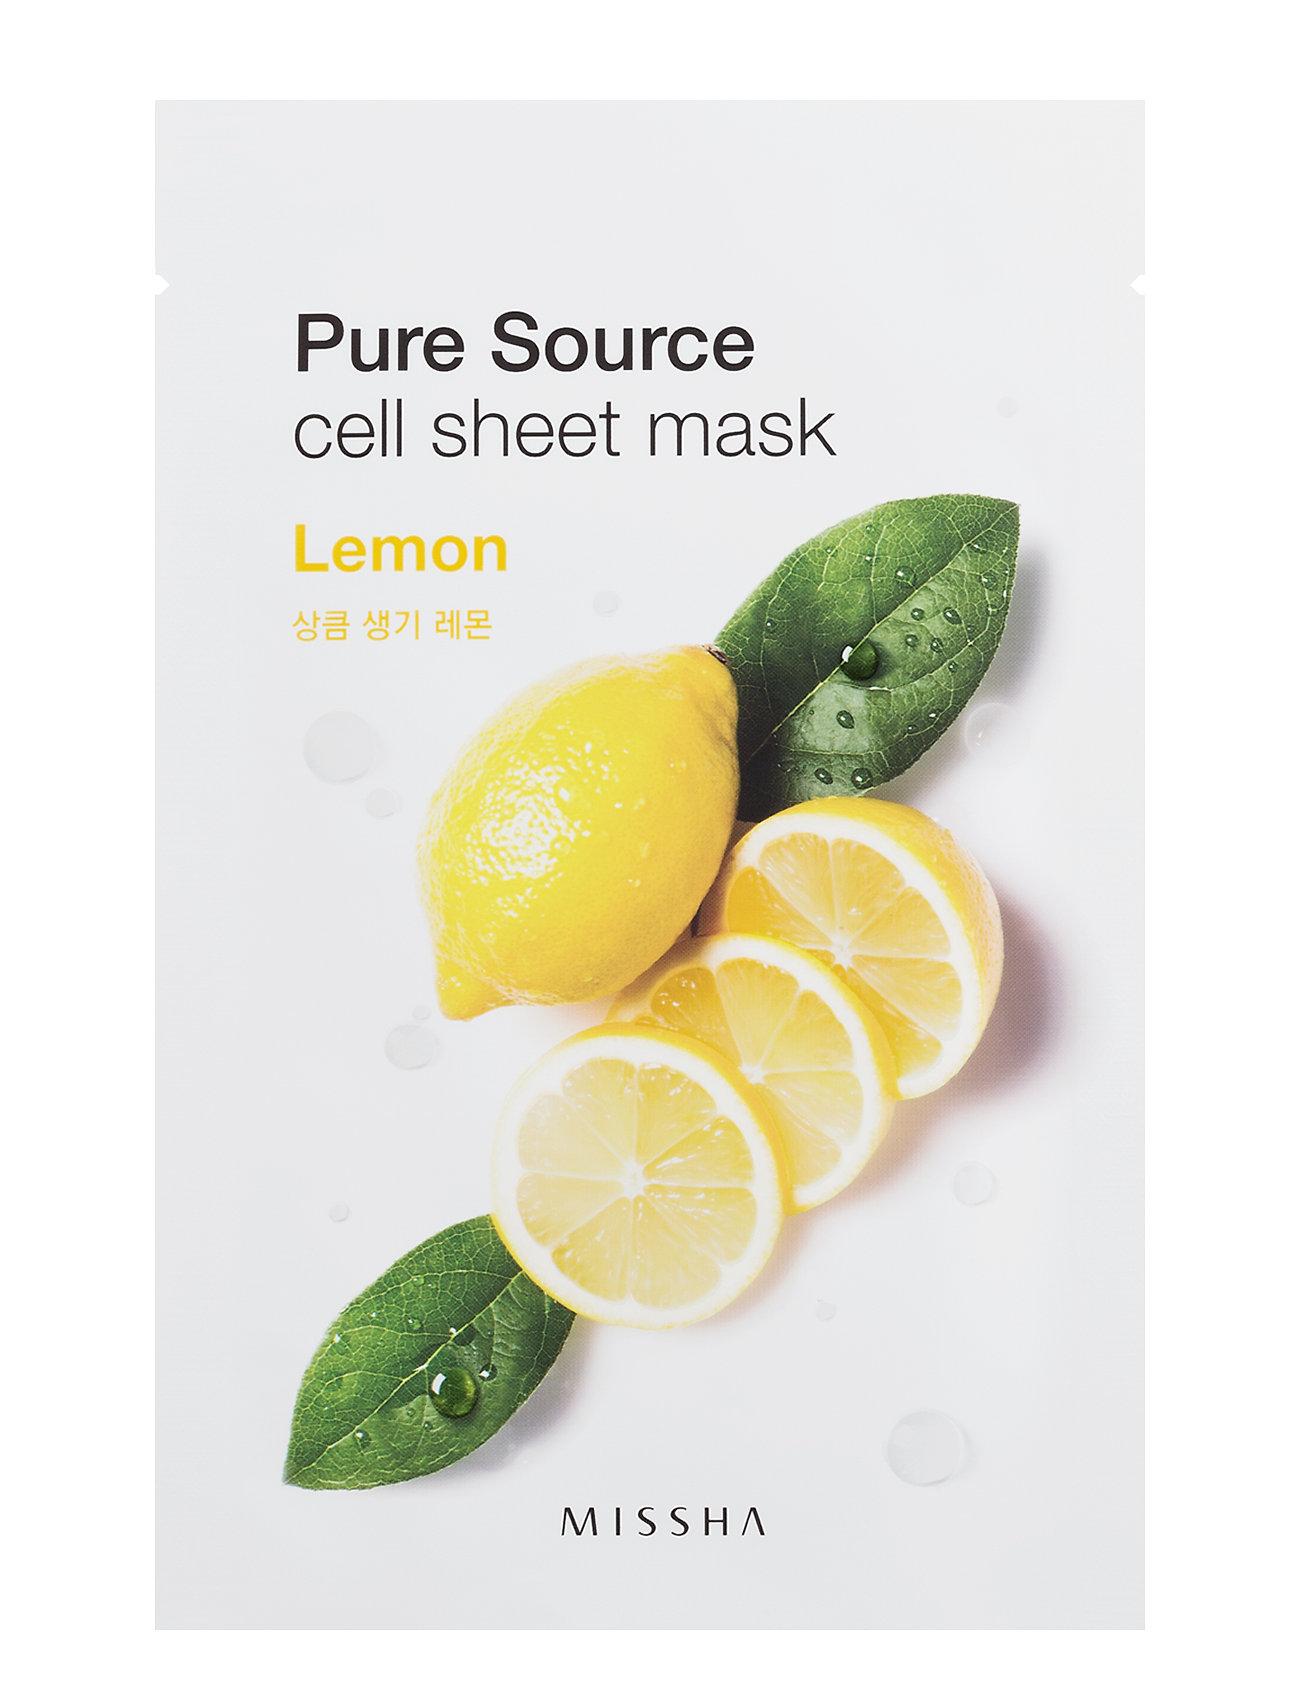 Missha Pure Source Cell Sheet Mask (Lemon) - Missha